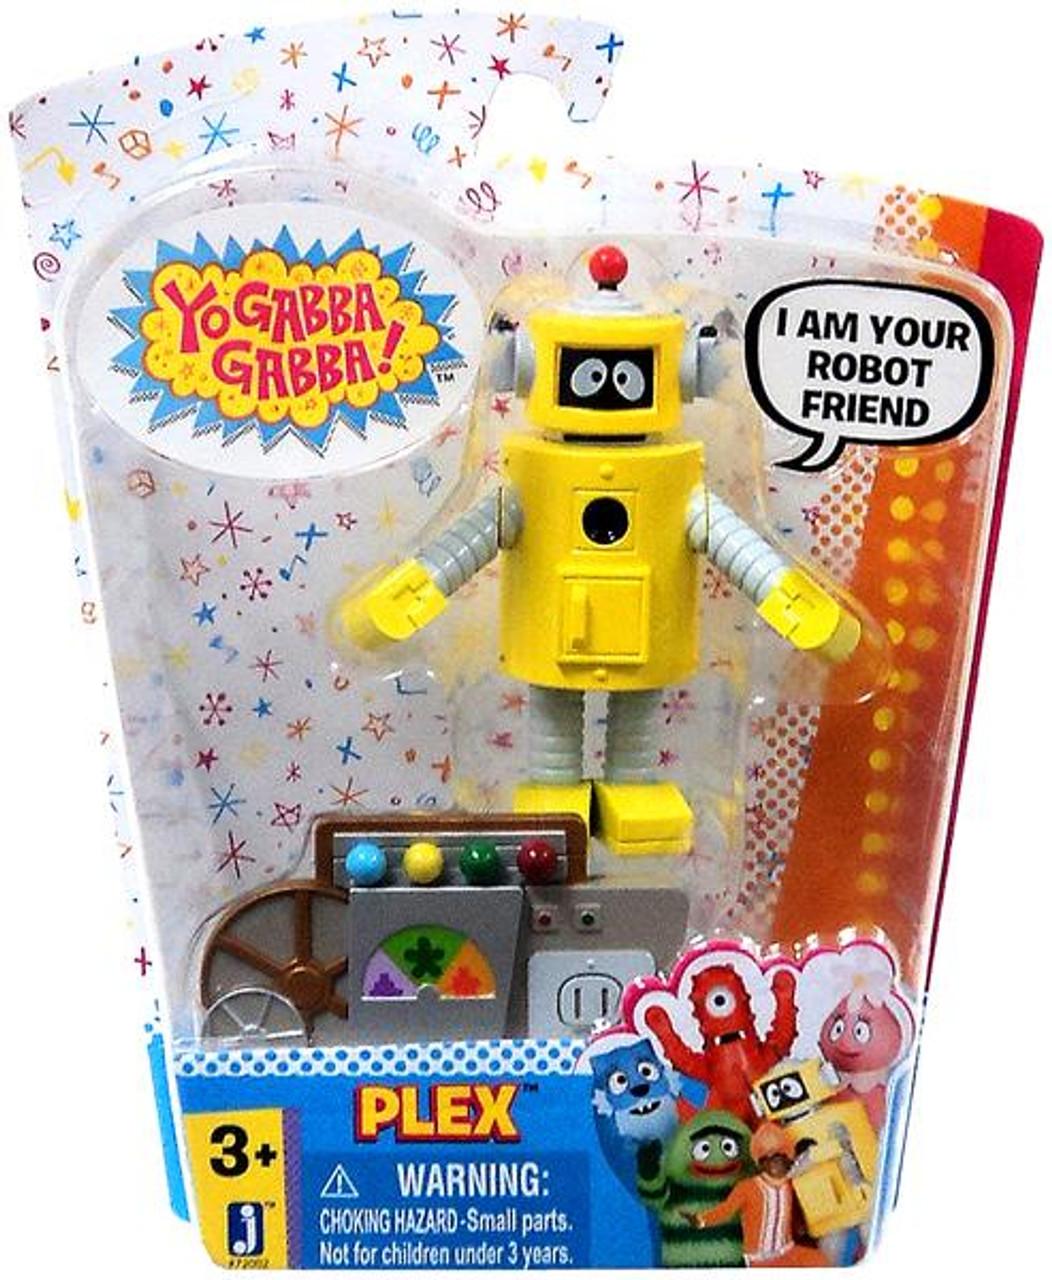 Yo Gabba Gabba Plex Action Figure